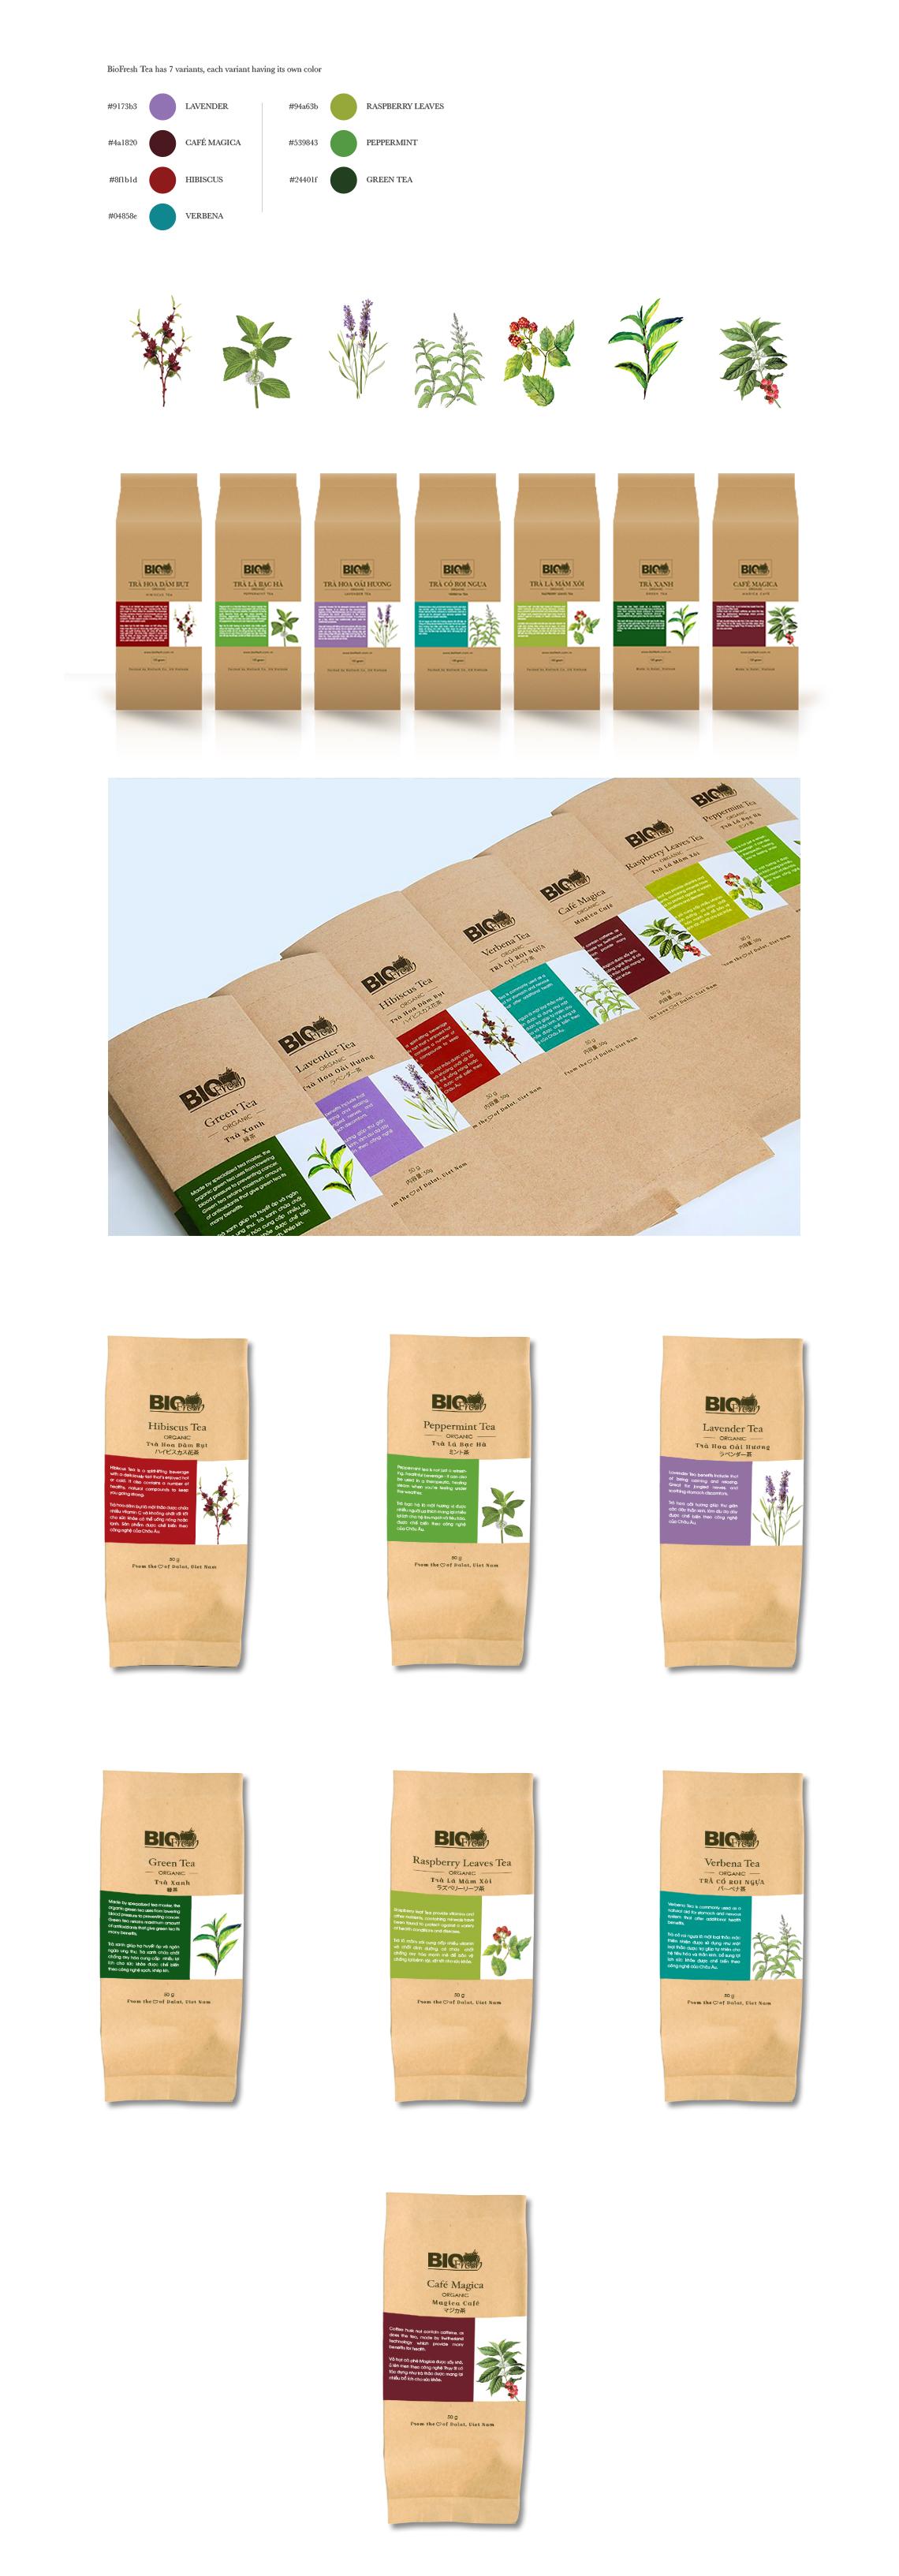 biofresh-tea